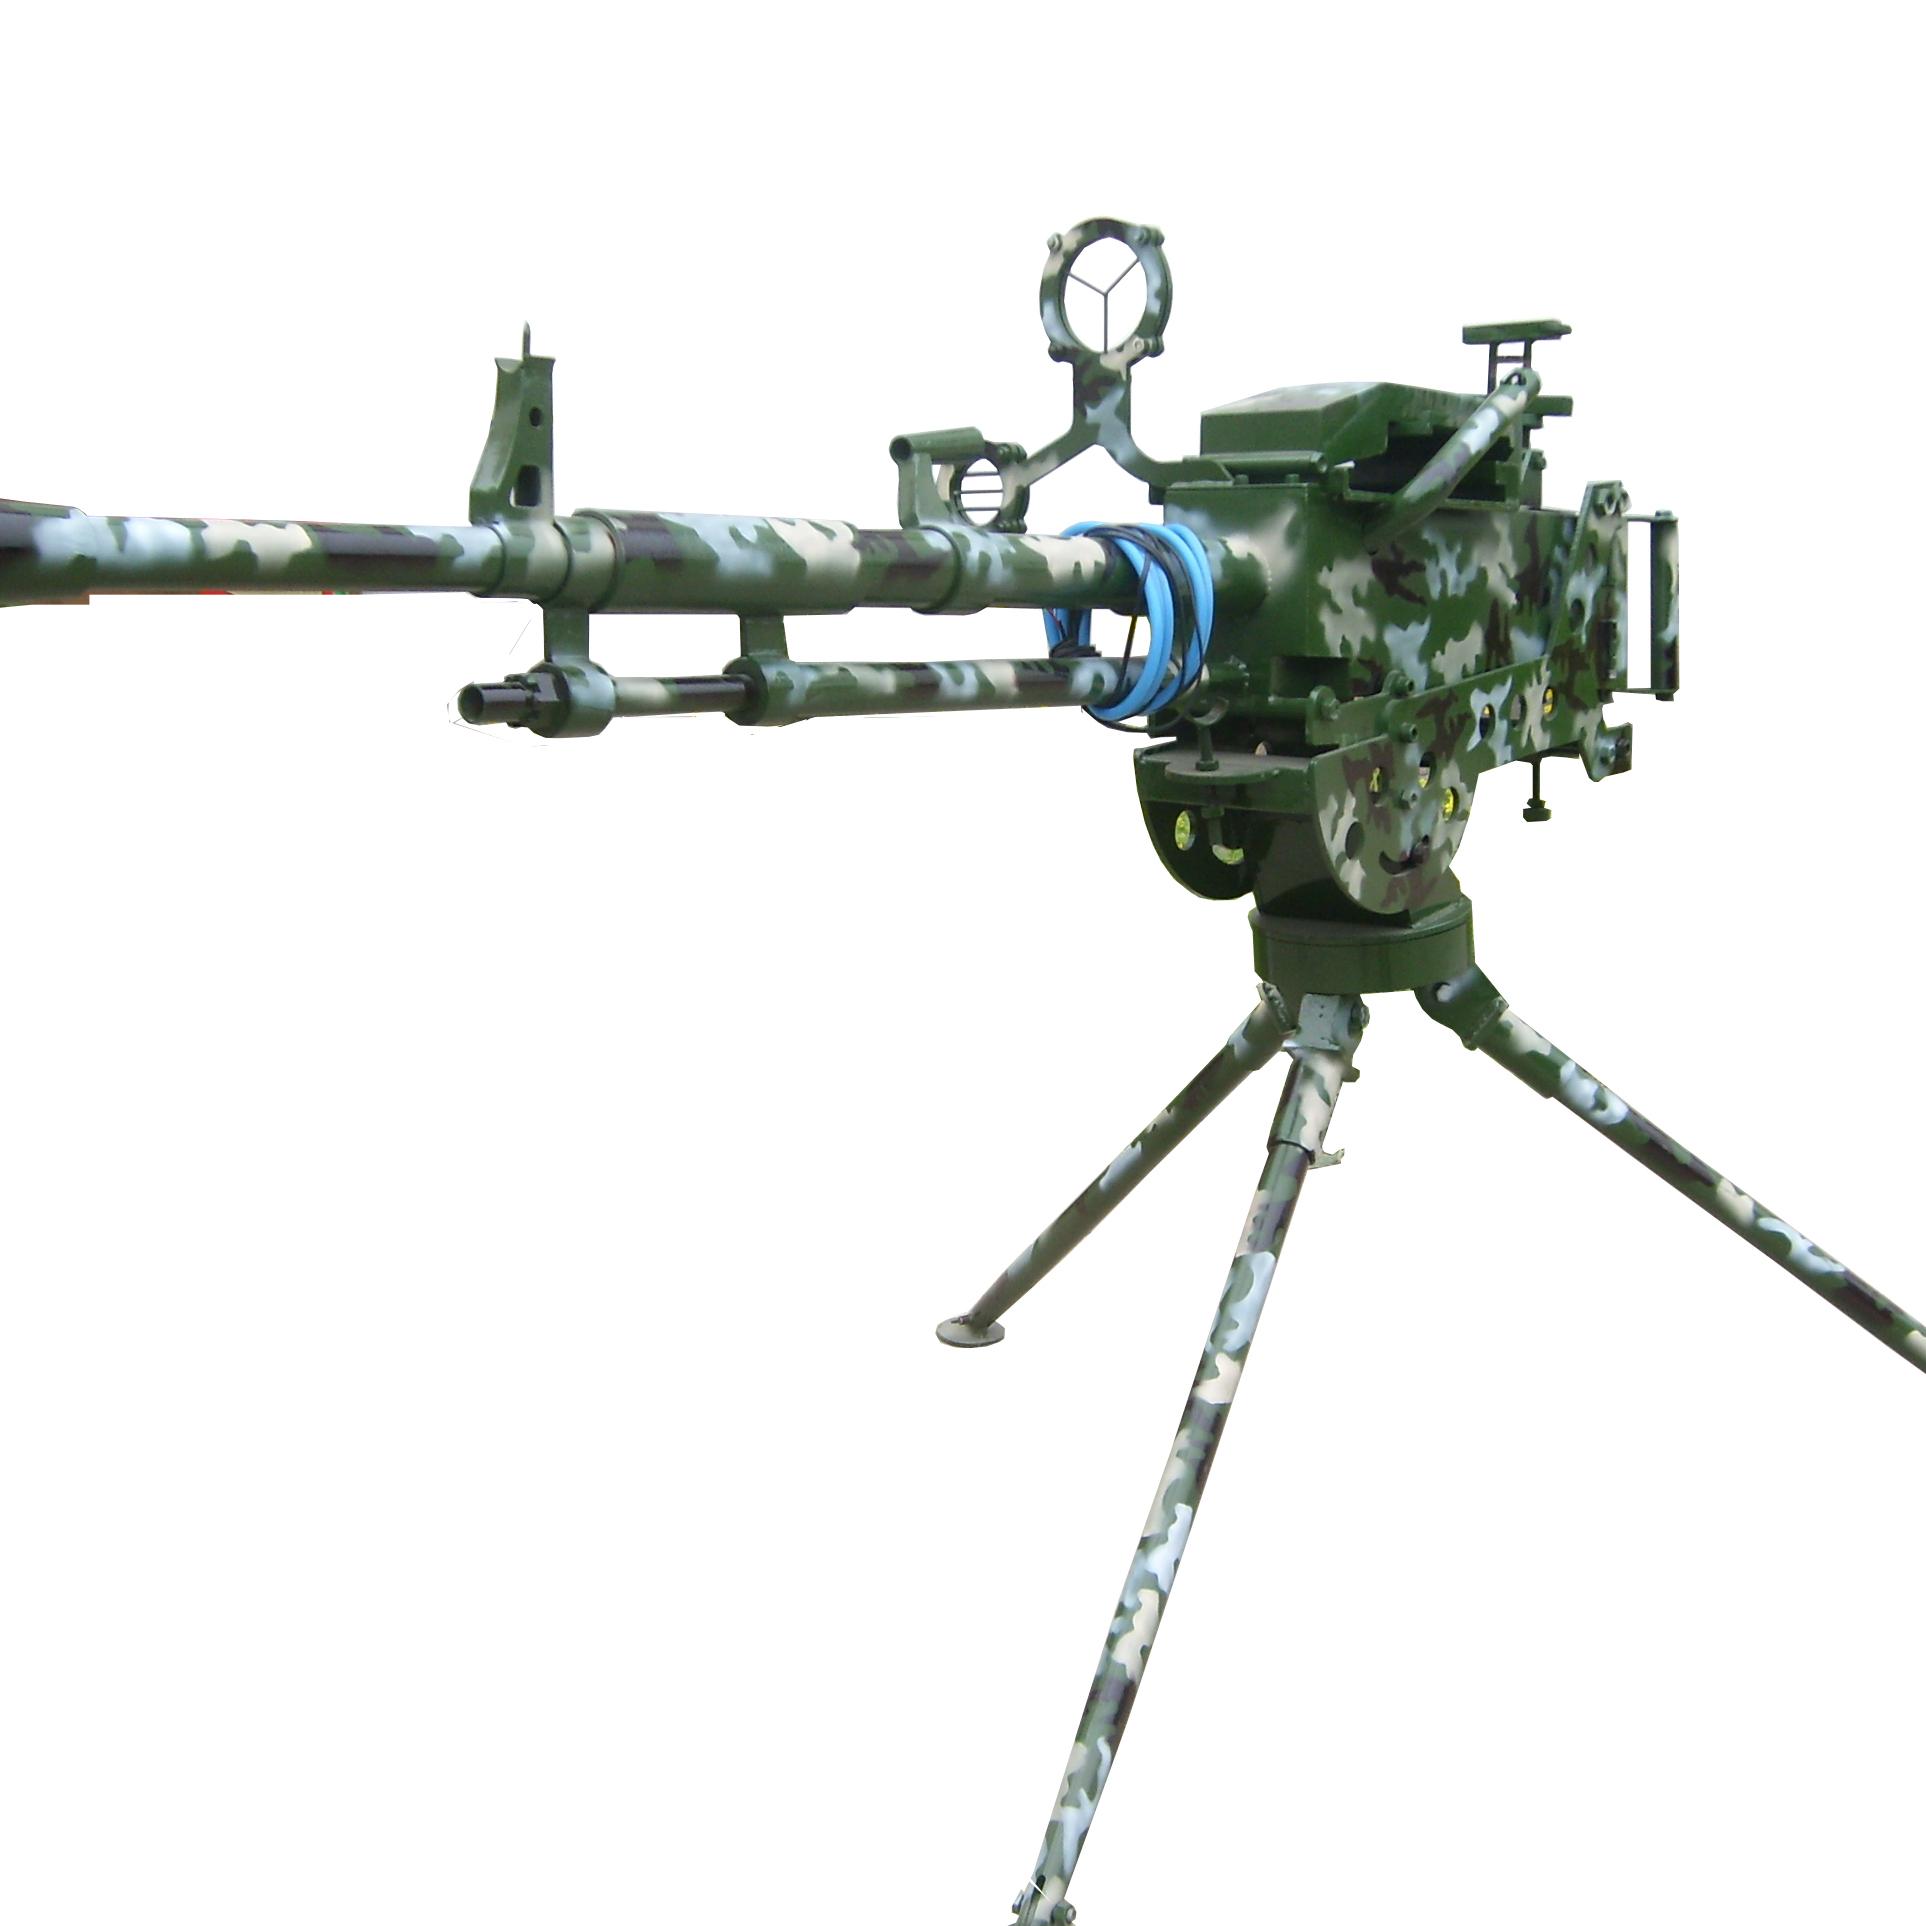 青少年游乐射击气炮枪-庙会地摊气炮项目-振宇协和游乐气炮枪